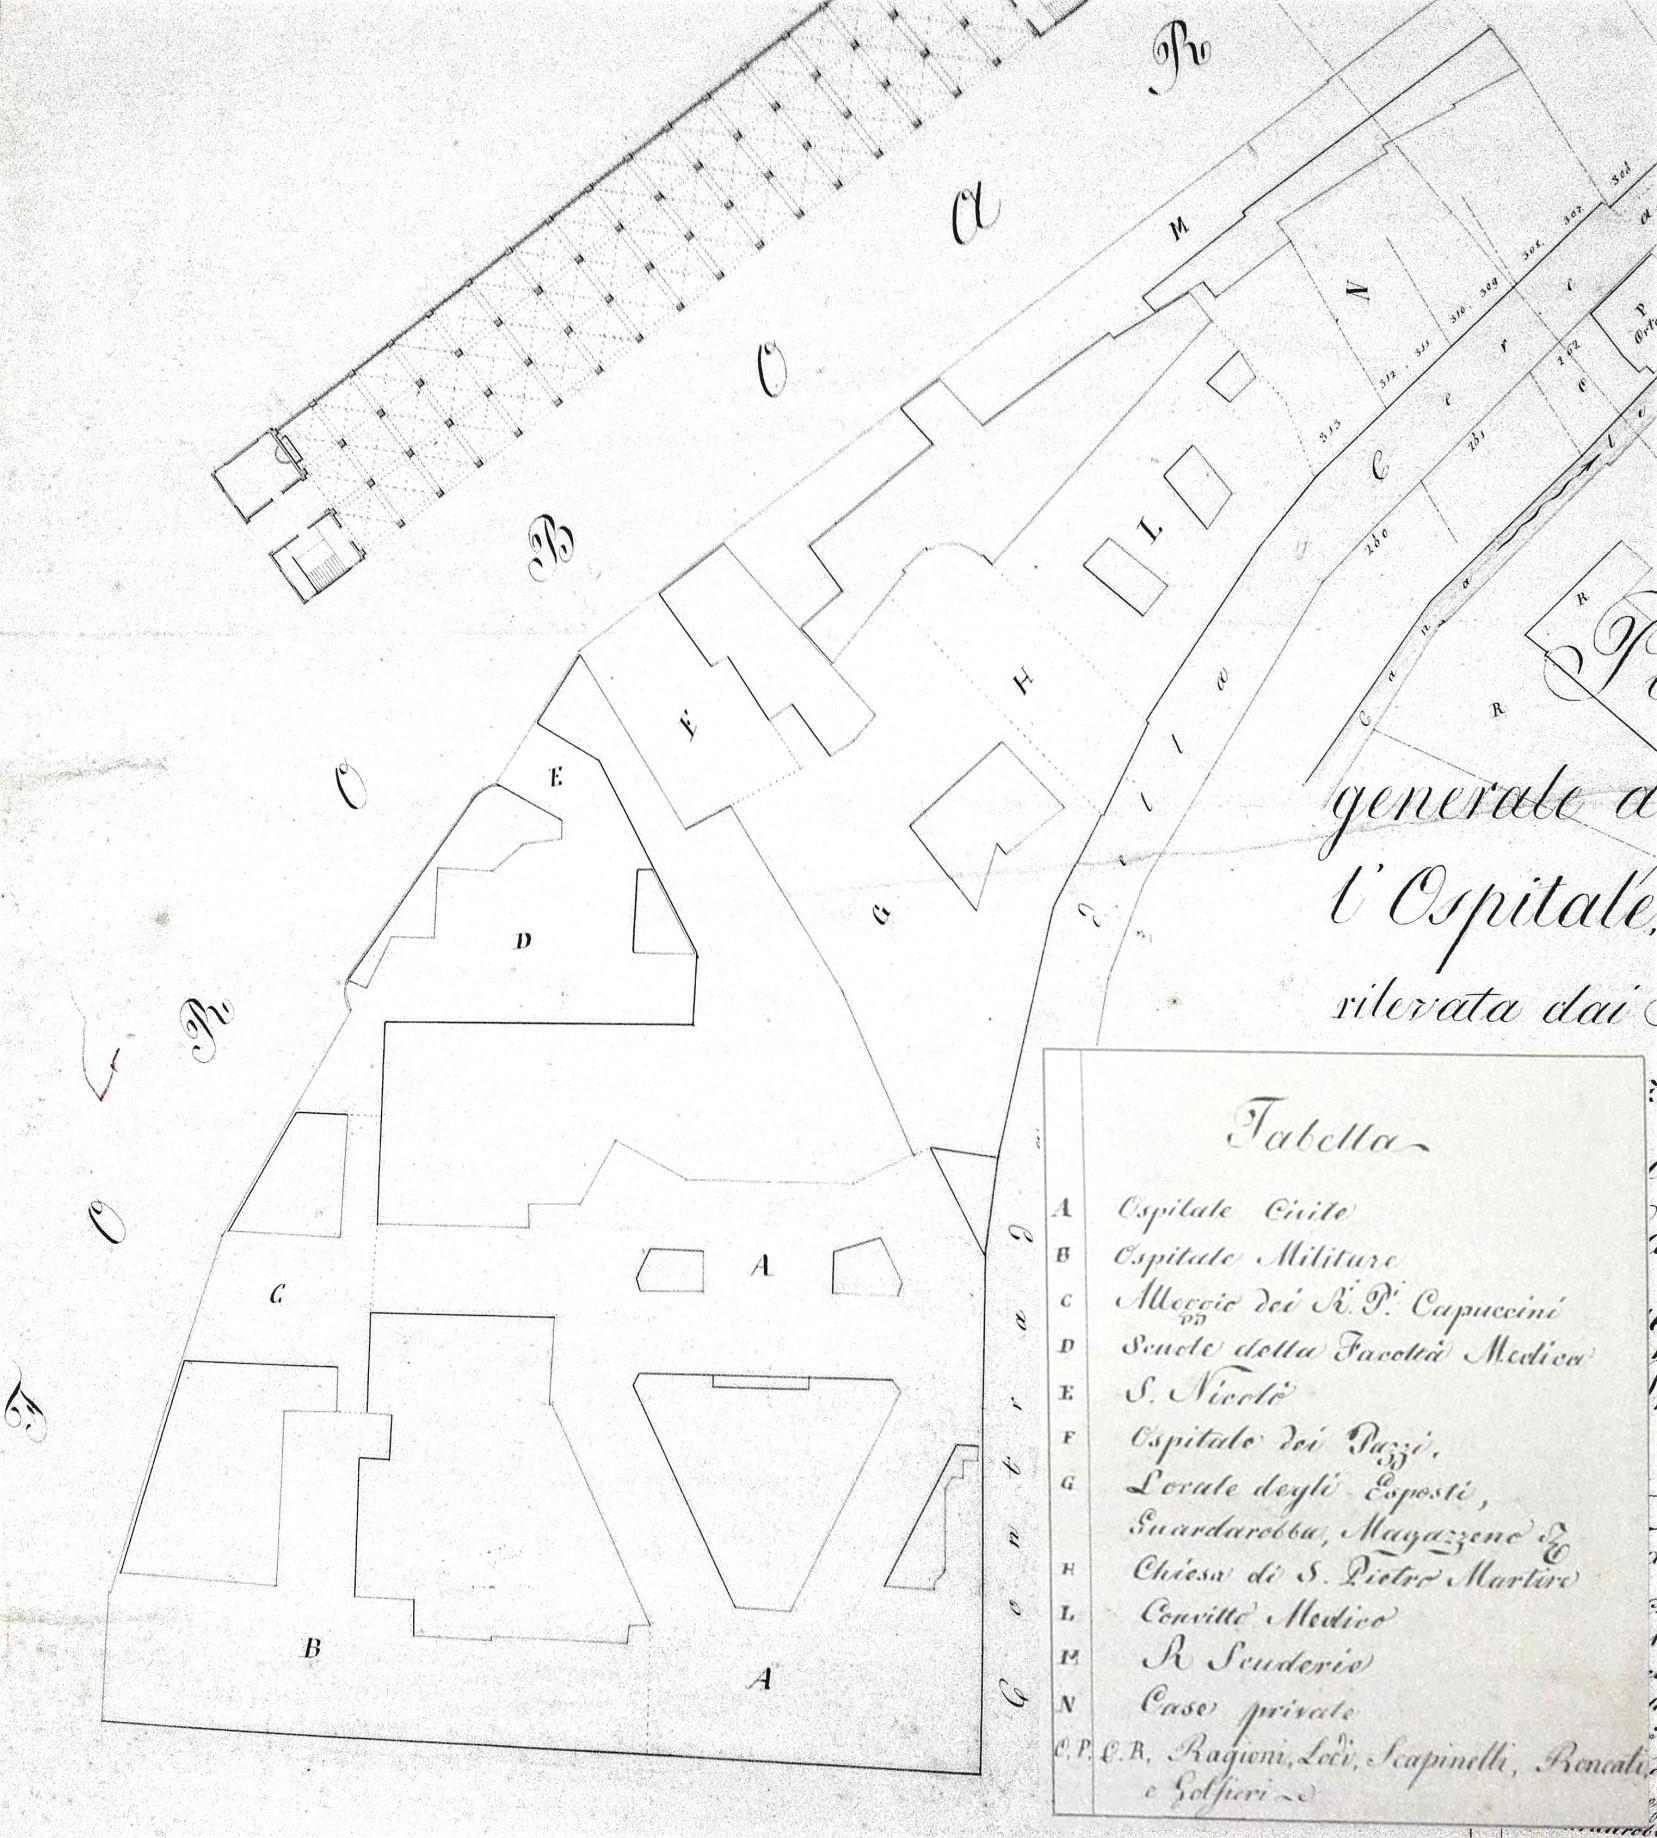 Rilievo Cadetti Matematici Pionieri 1835 (A.S.C.MO – CMP20 CMP 20-4)